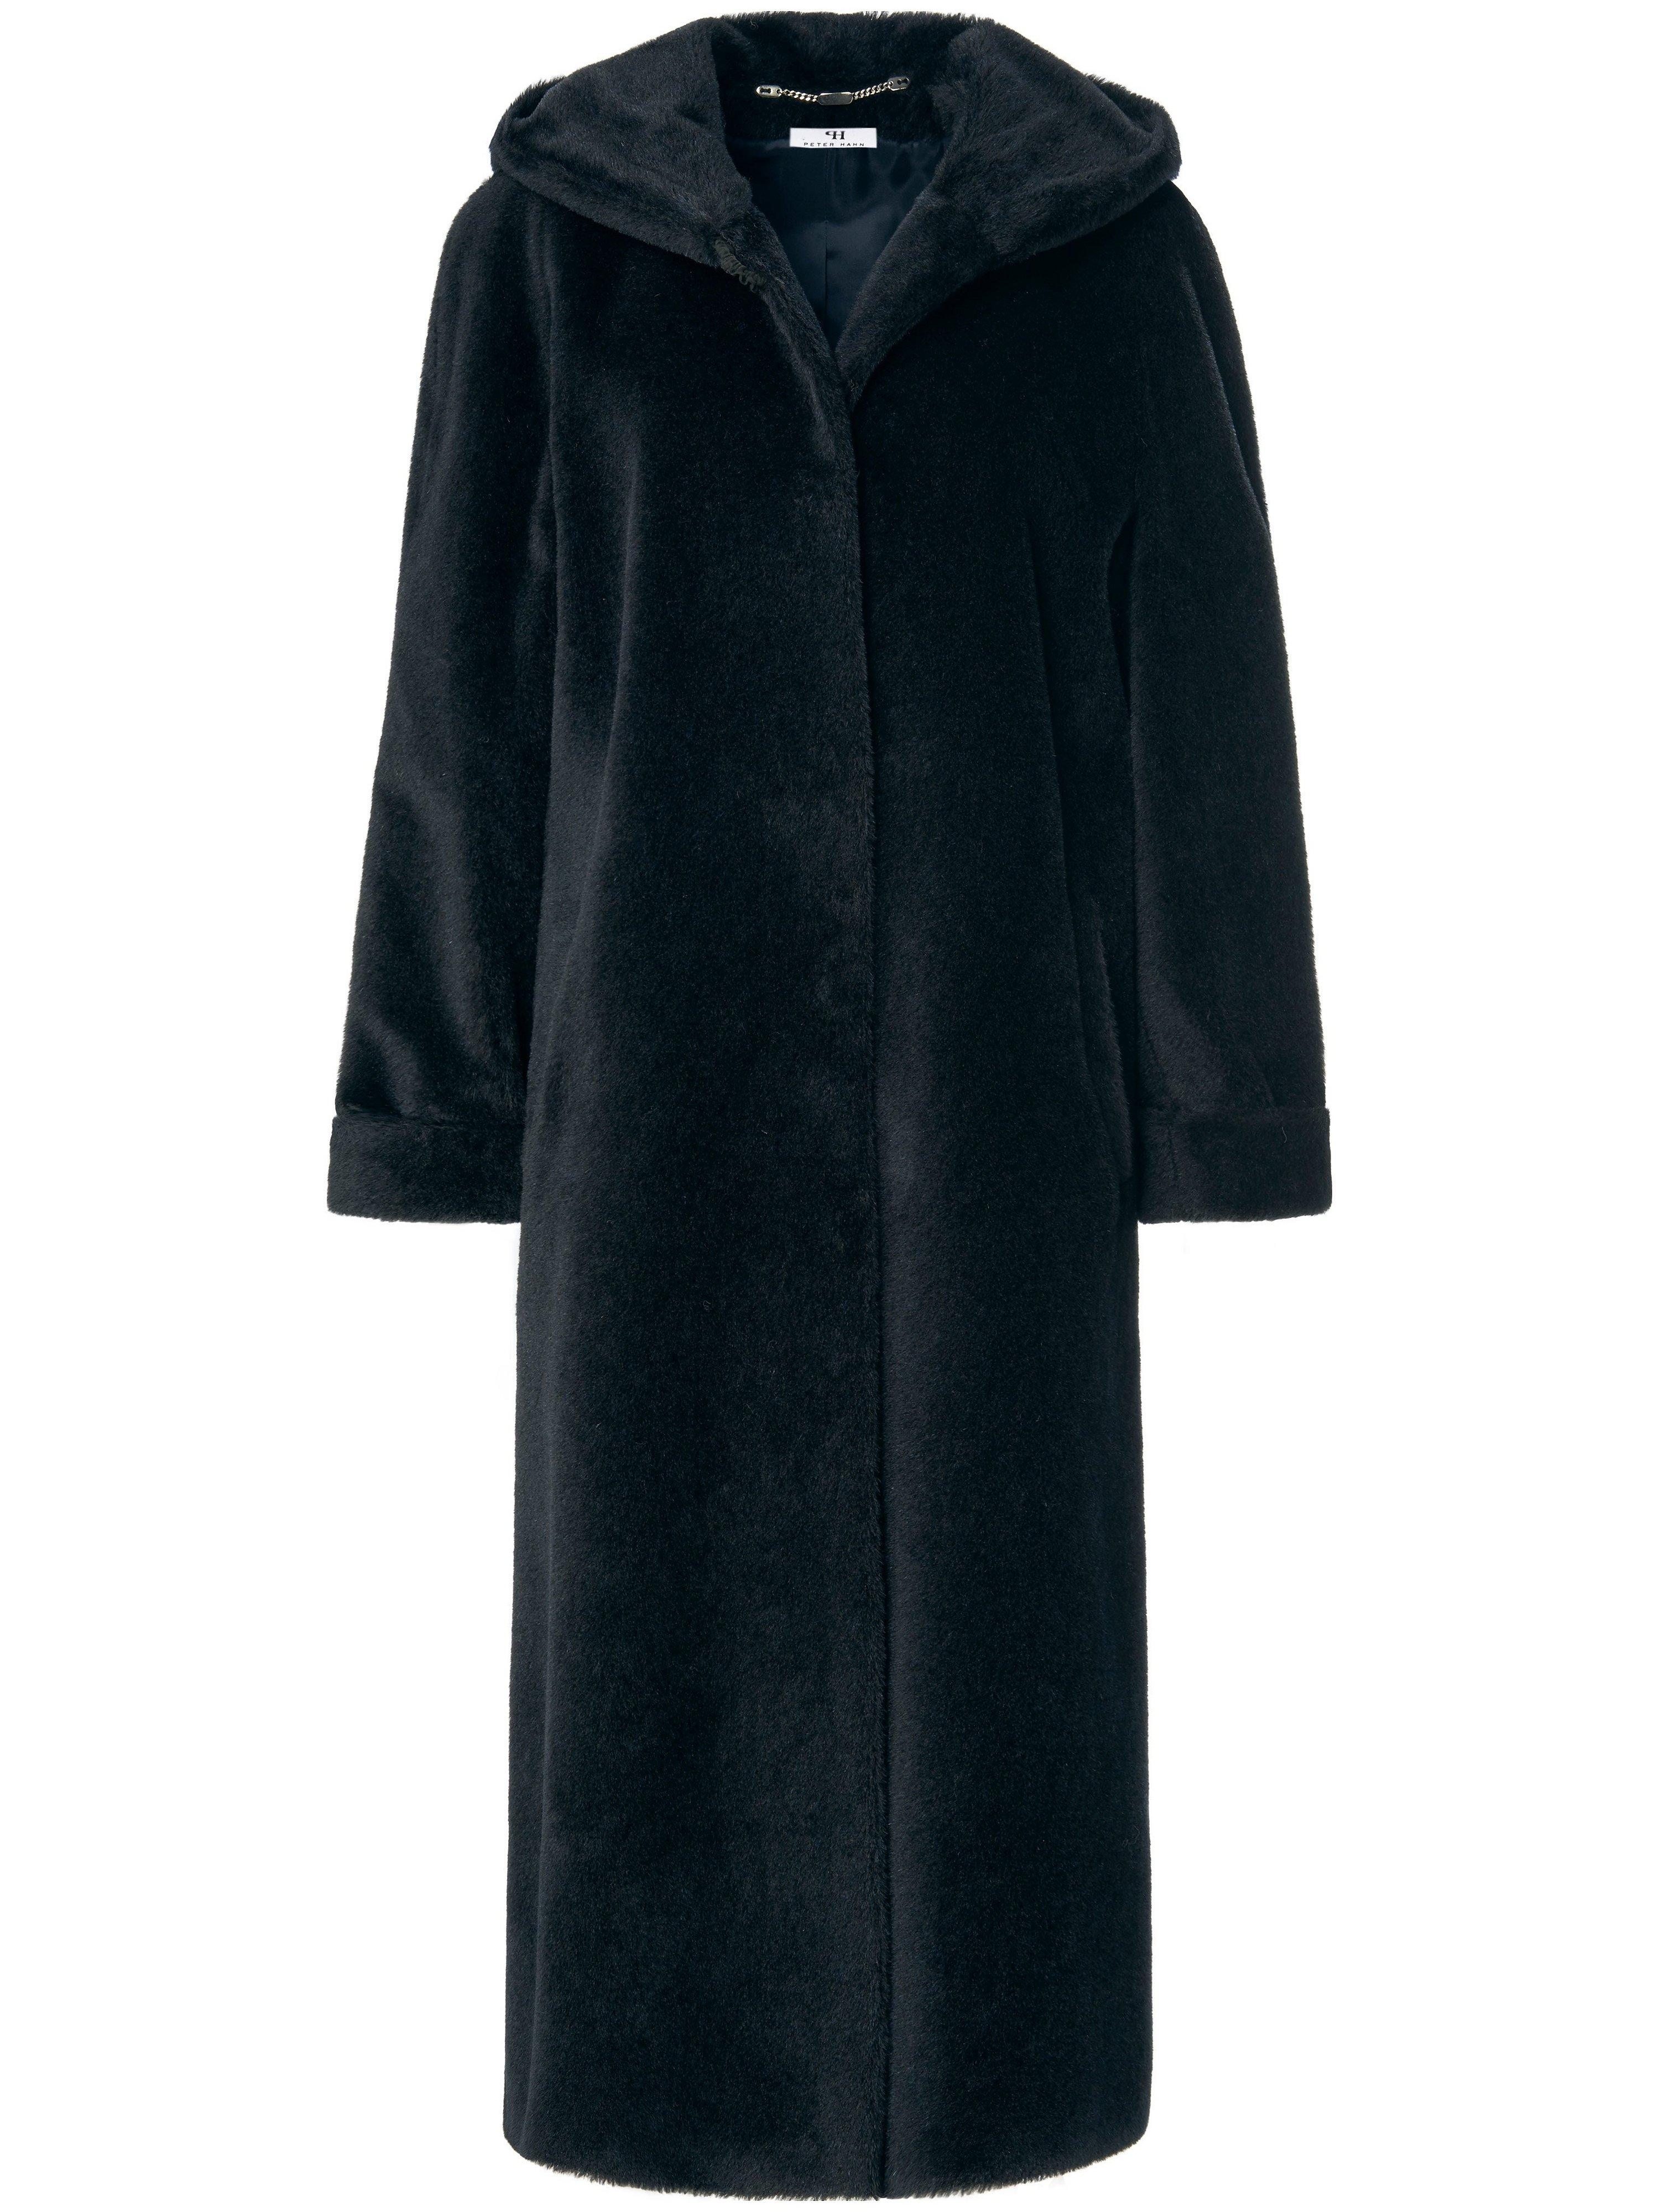 Le manteau  Peter Hahn noir taille 50